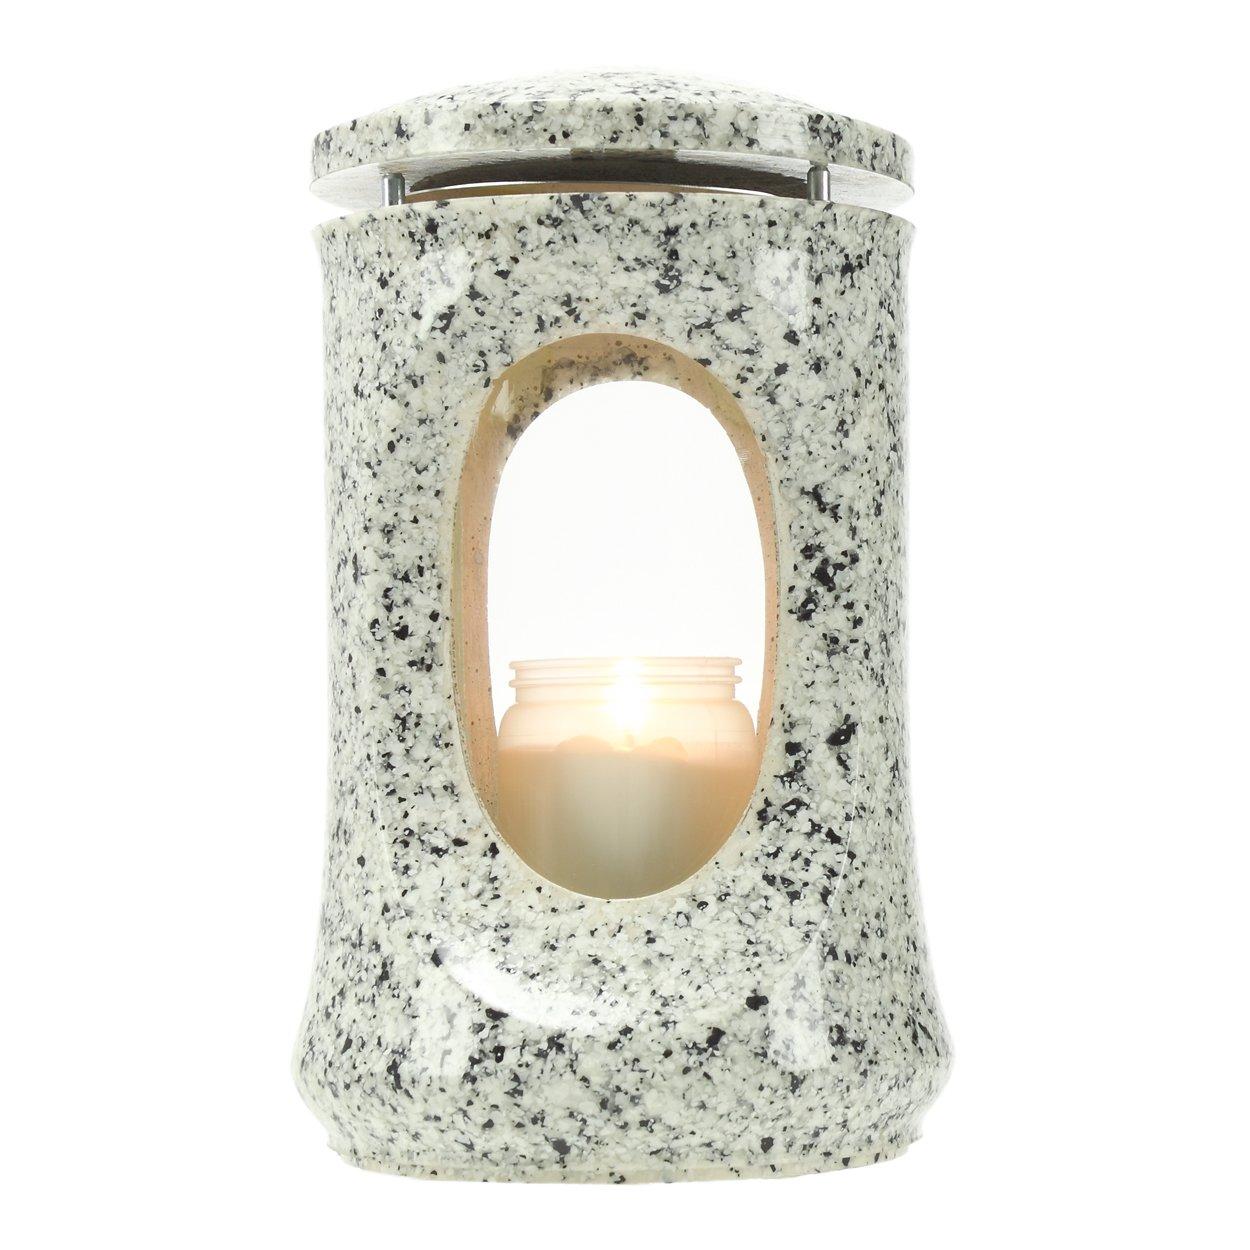 Lanterna per tomba Fumaria resina sintetica finto granito Striegau altezza 23cm